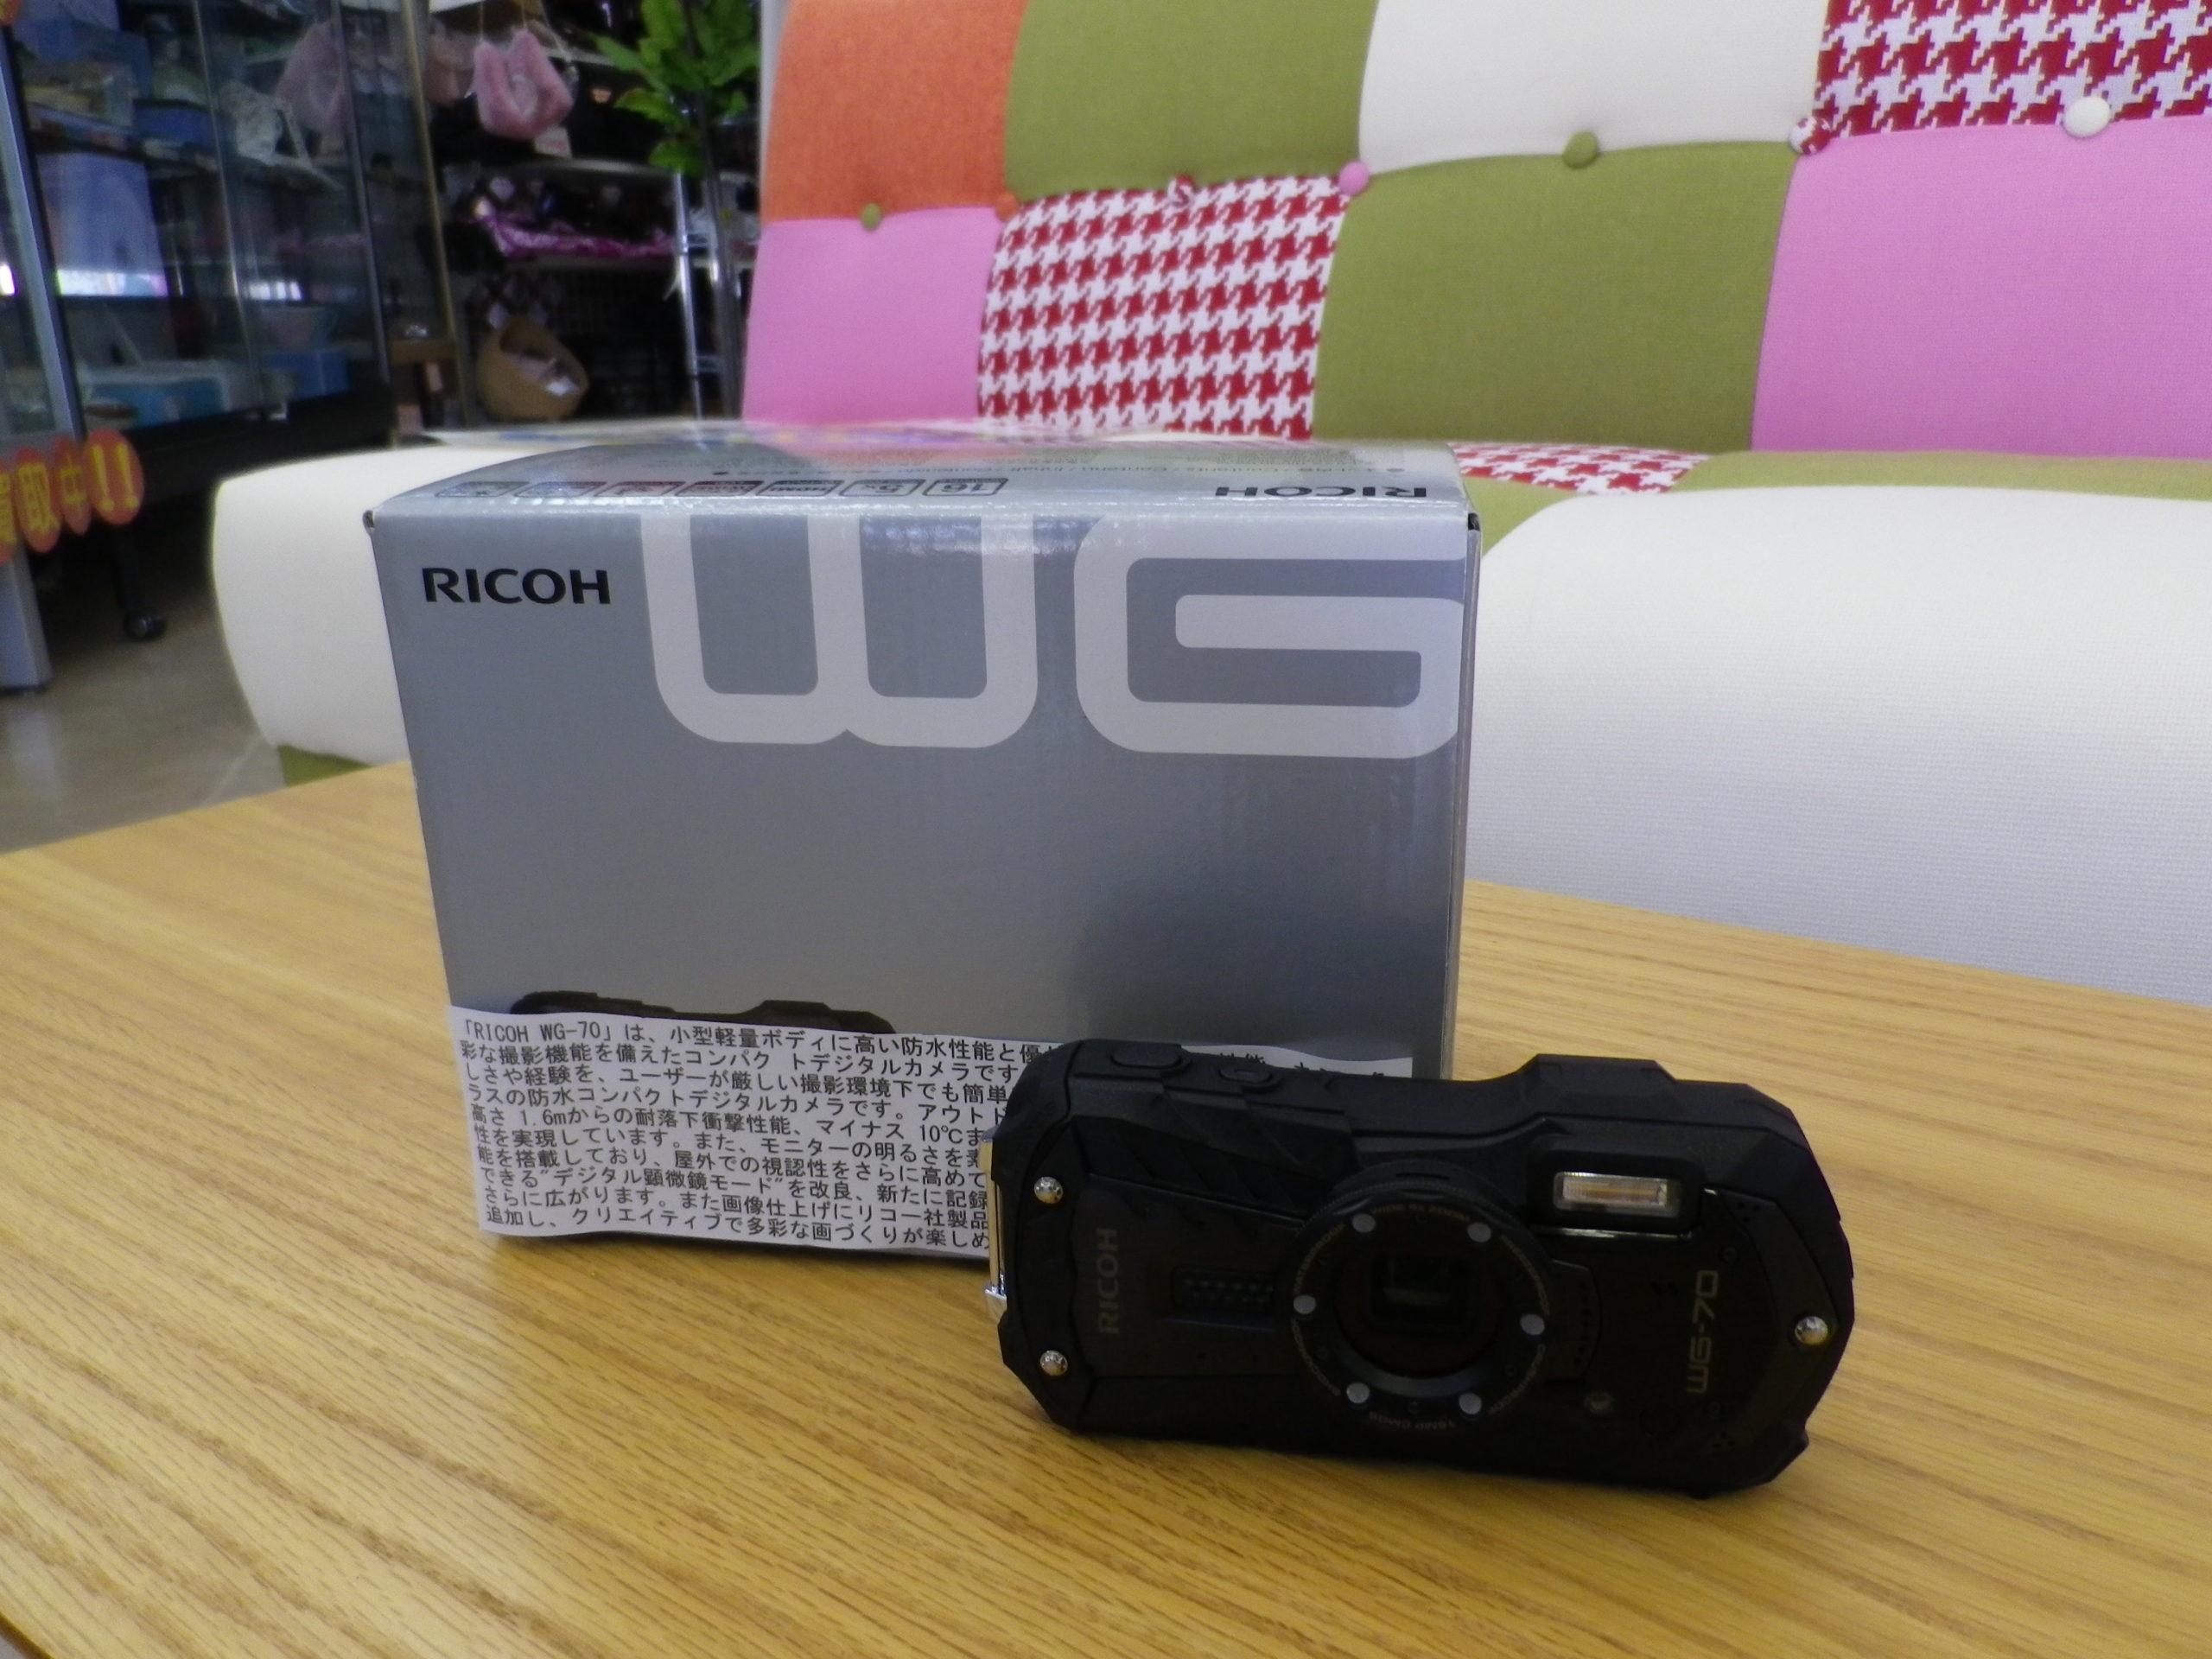 【RICOH リコー 防水 デジタルカメラ WG-70 耐衝撃 防塵 耐寒】を買取させて頂きました!の買取-